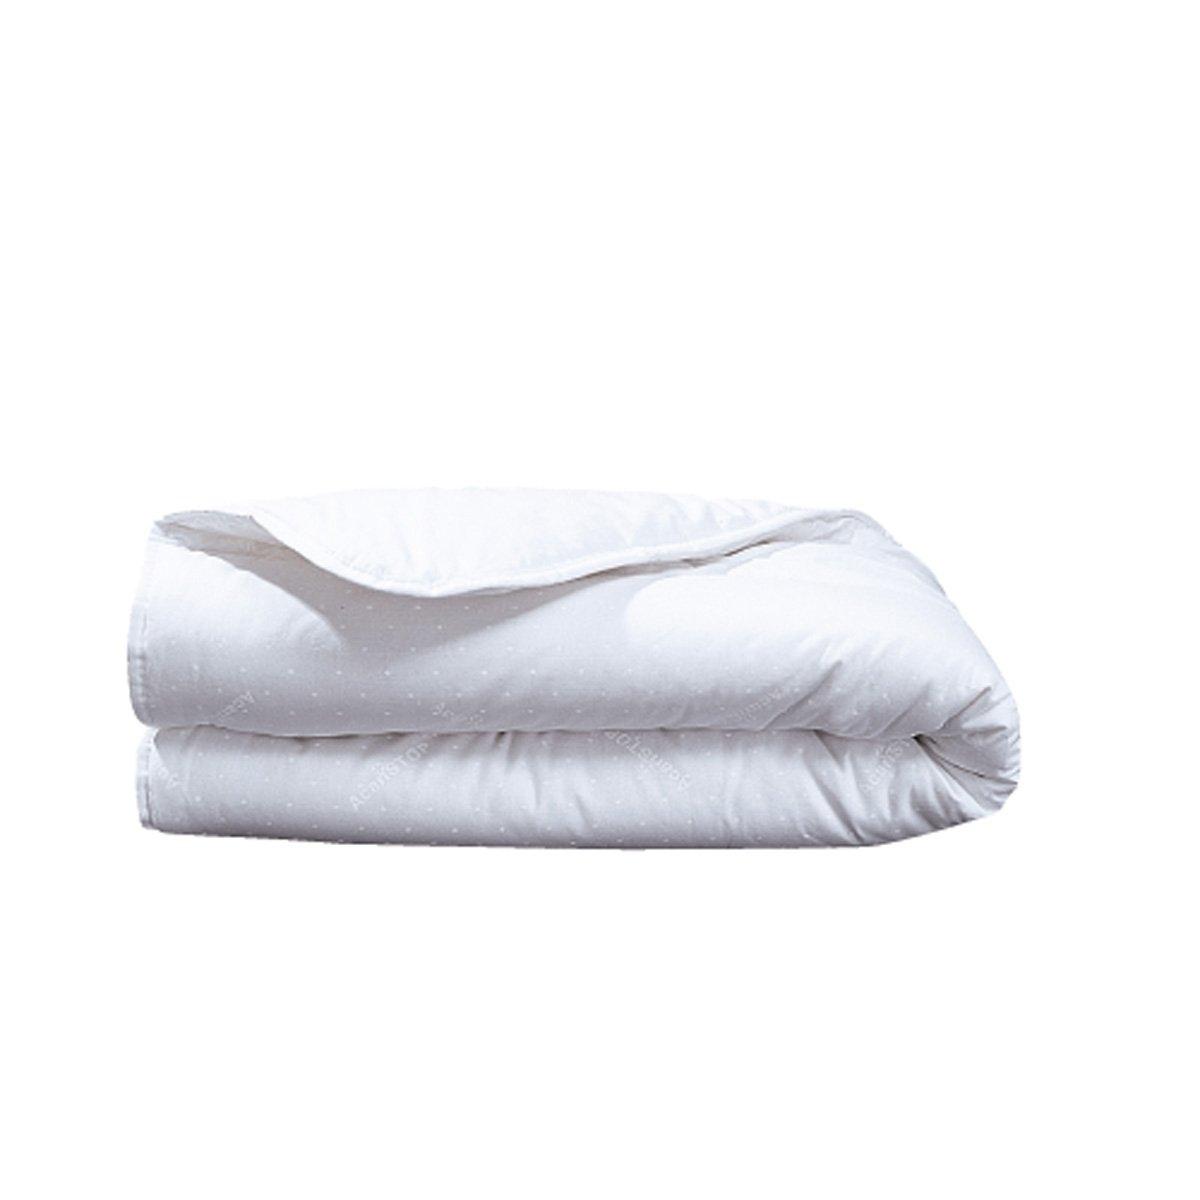 Одеяло детское с обработкой mercury постельные принадлежности набор 4 штуки простыня с набивной чехол на одеяло 100